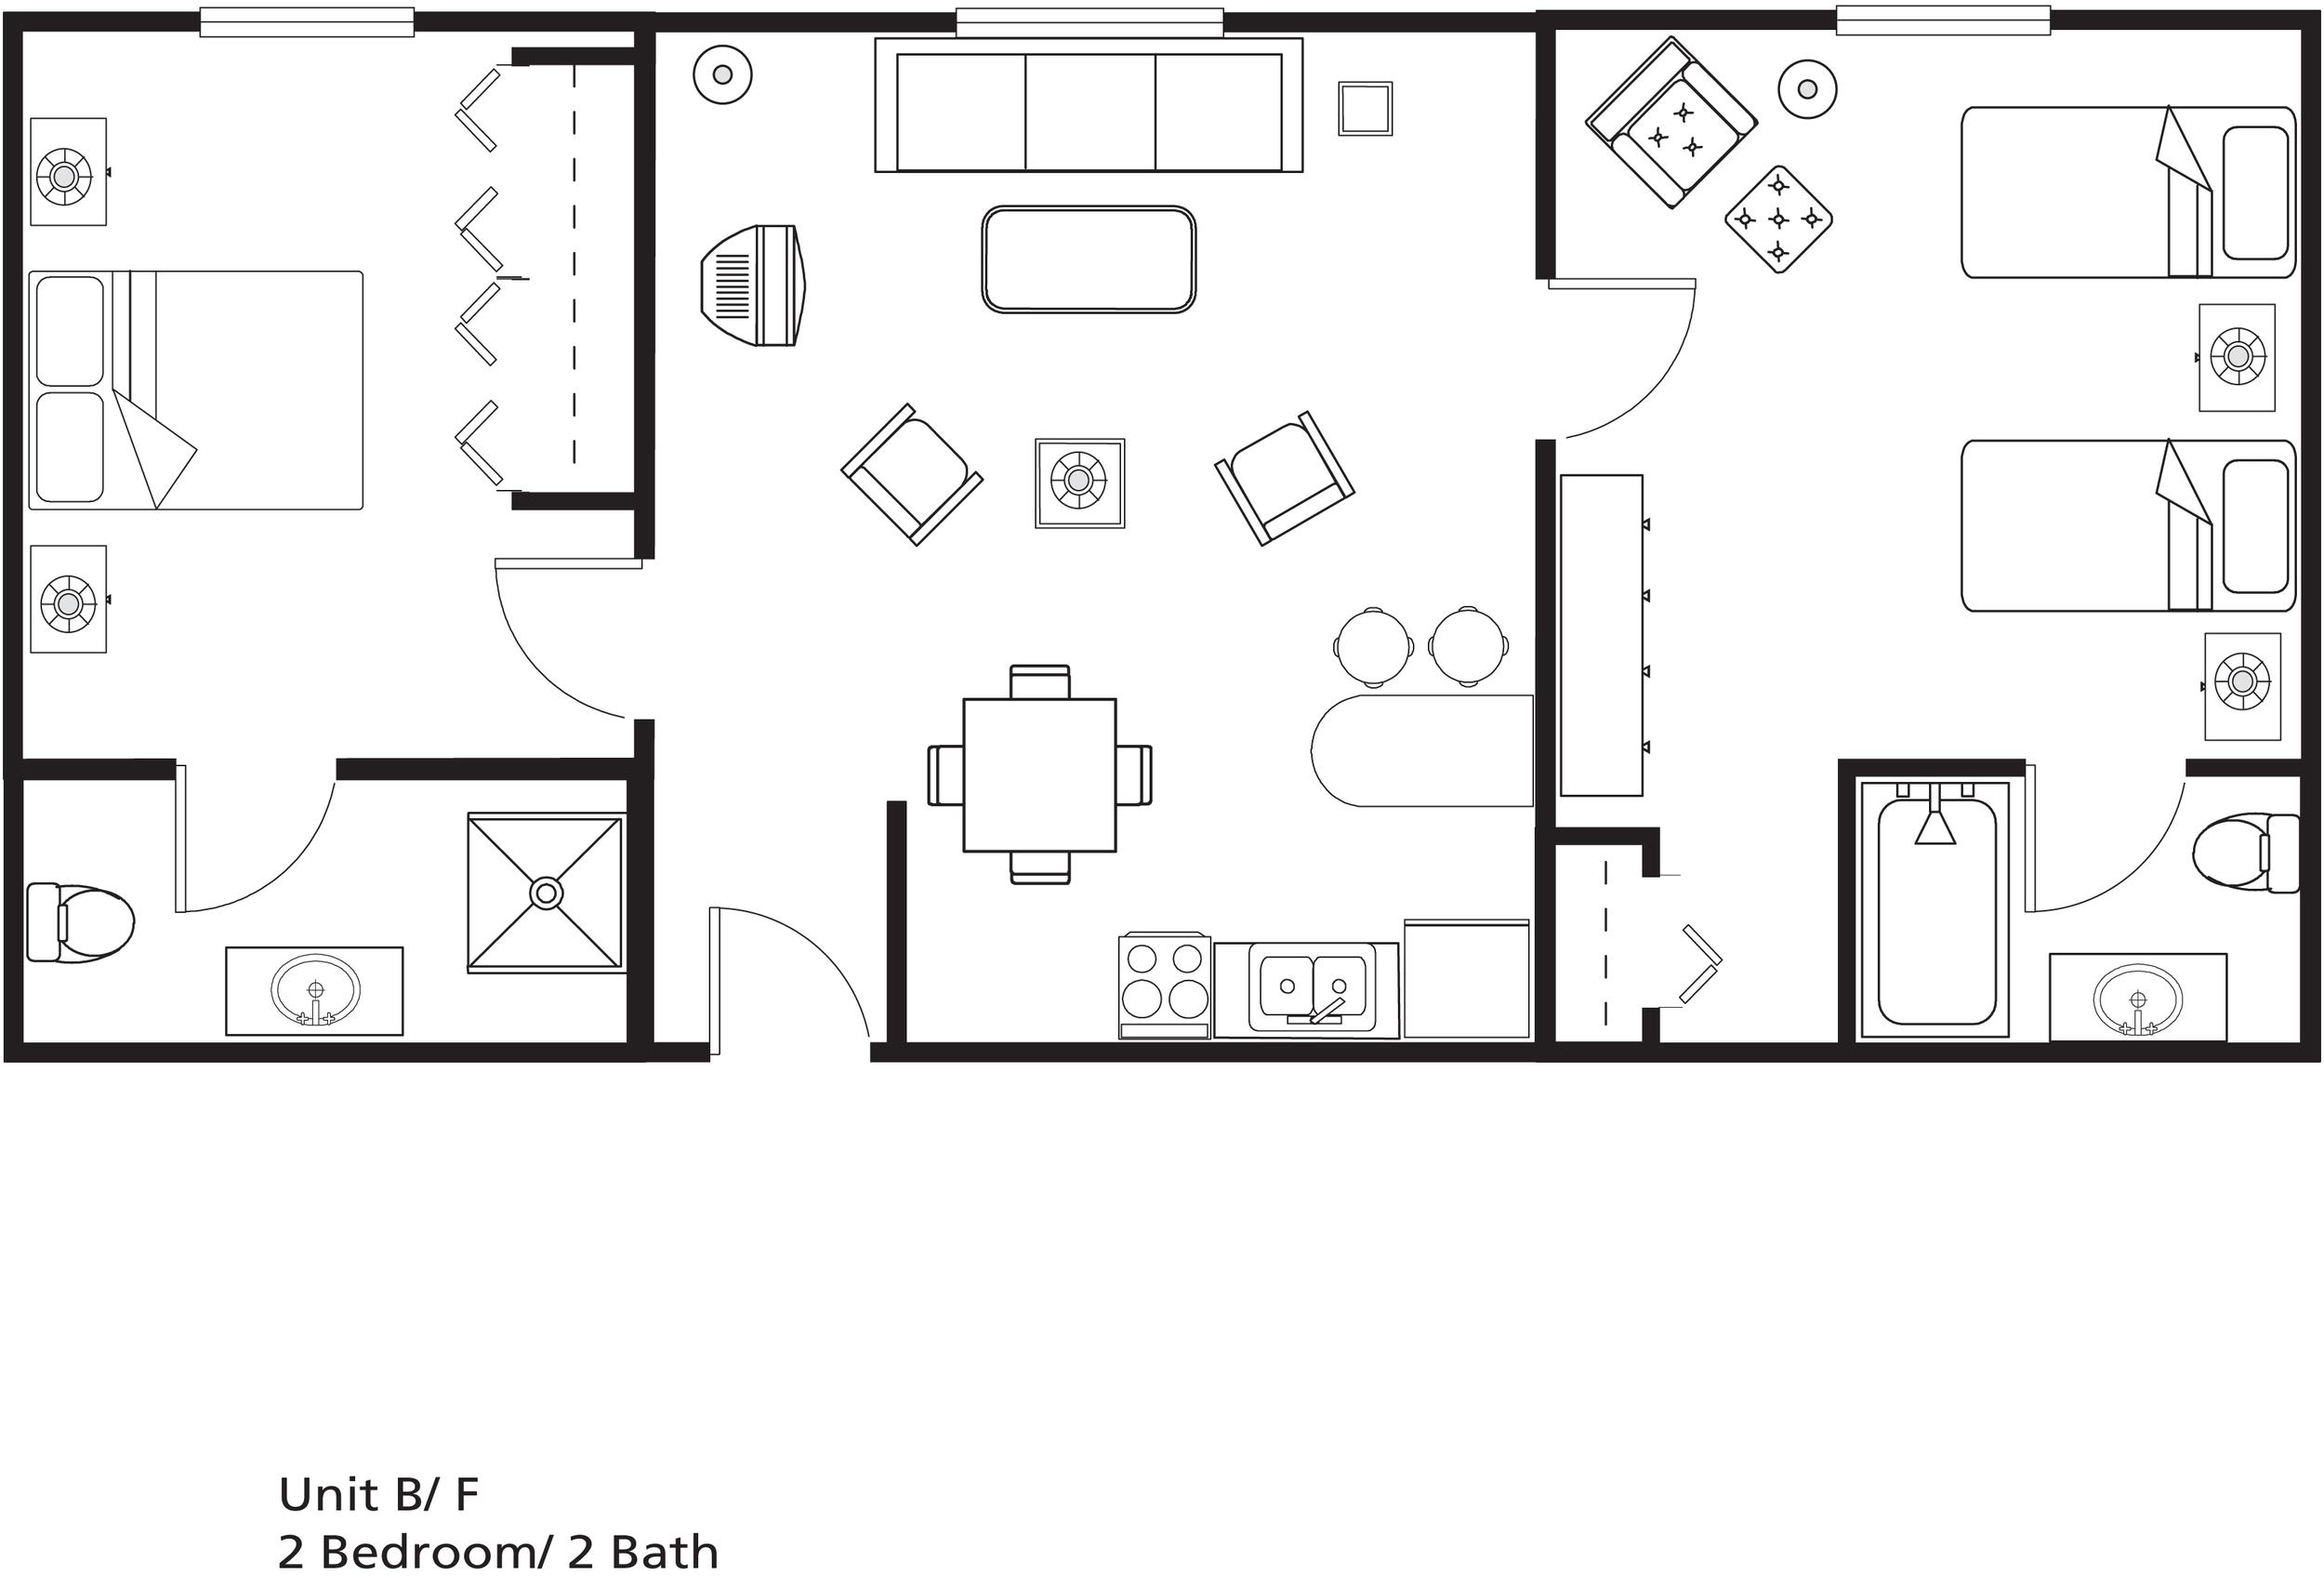 Senior living floor plans maple heights retirement community for Retirement floor plans